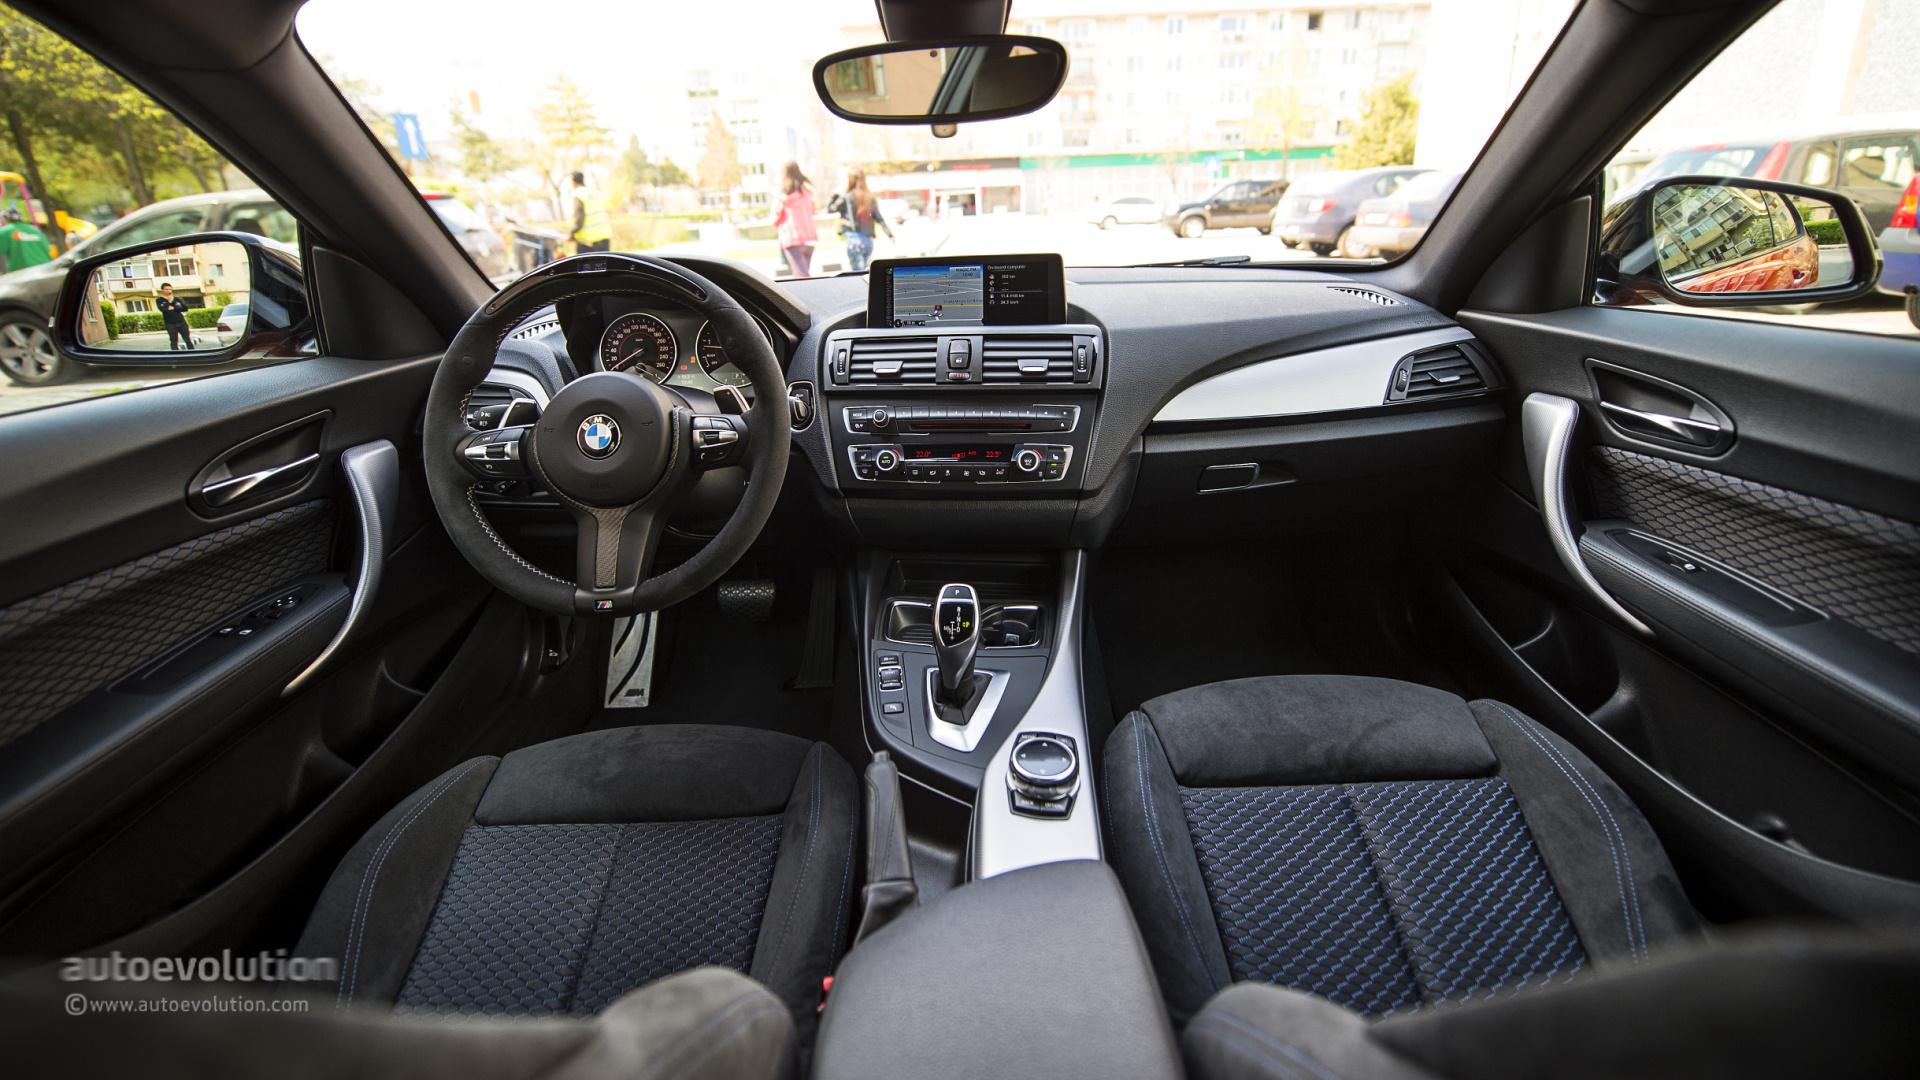 2014 BMW M235i First Drive